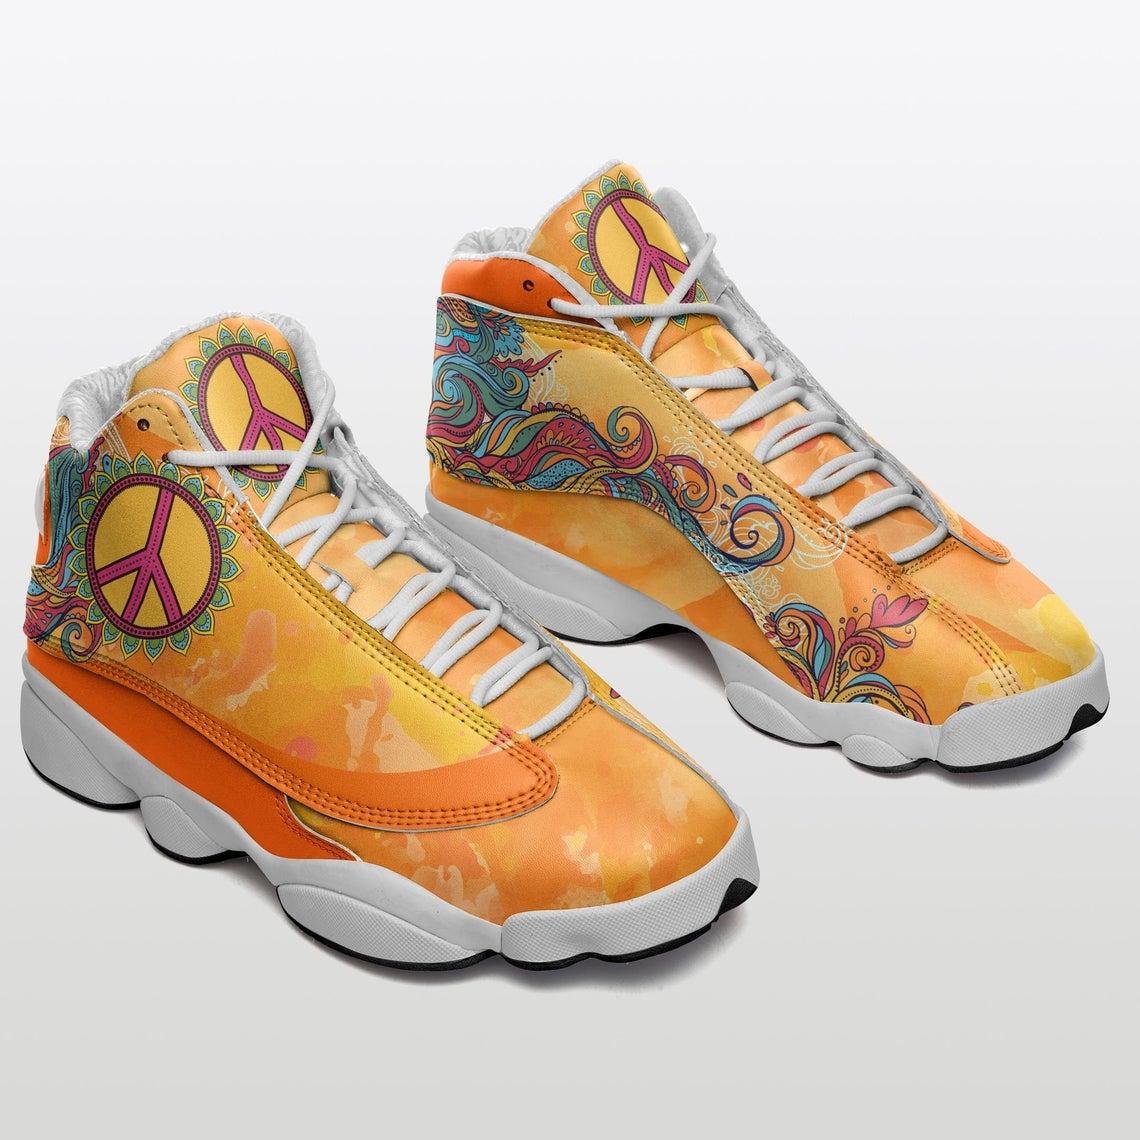 Hippie Lover Sku 31 Air Jordan Shoes